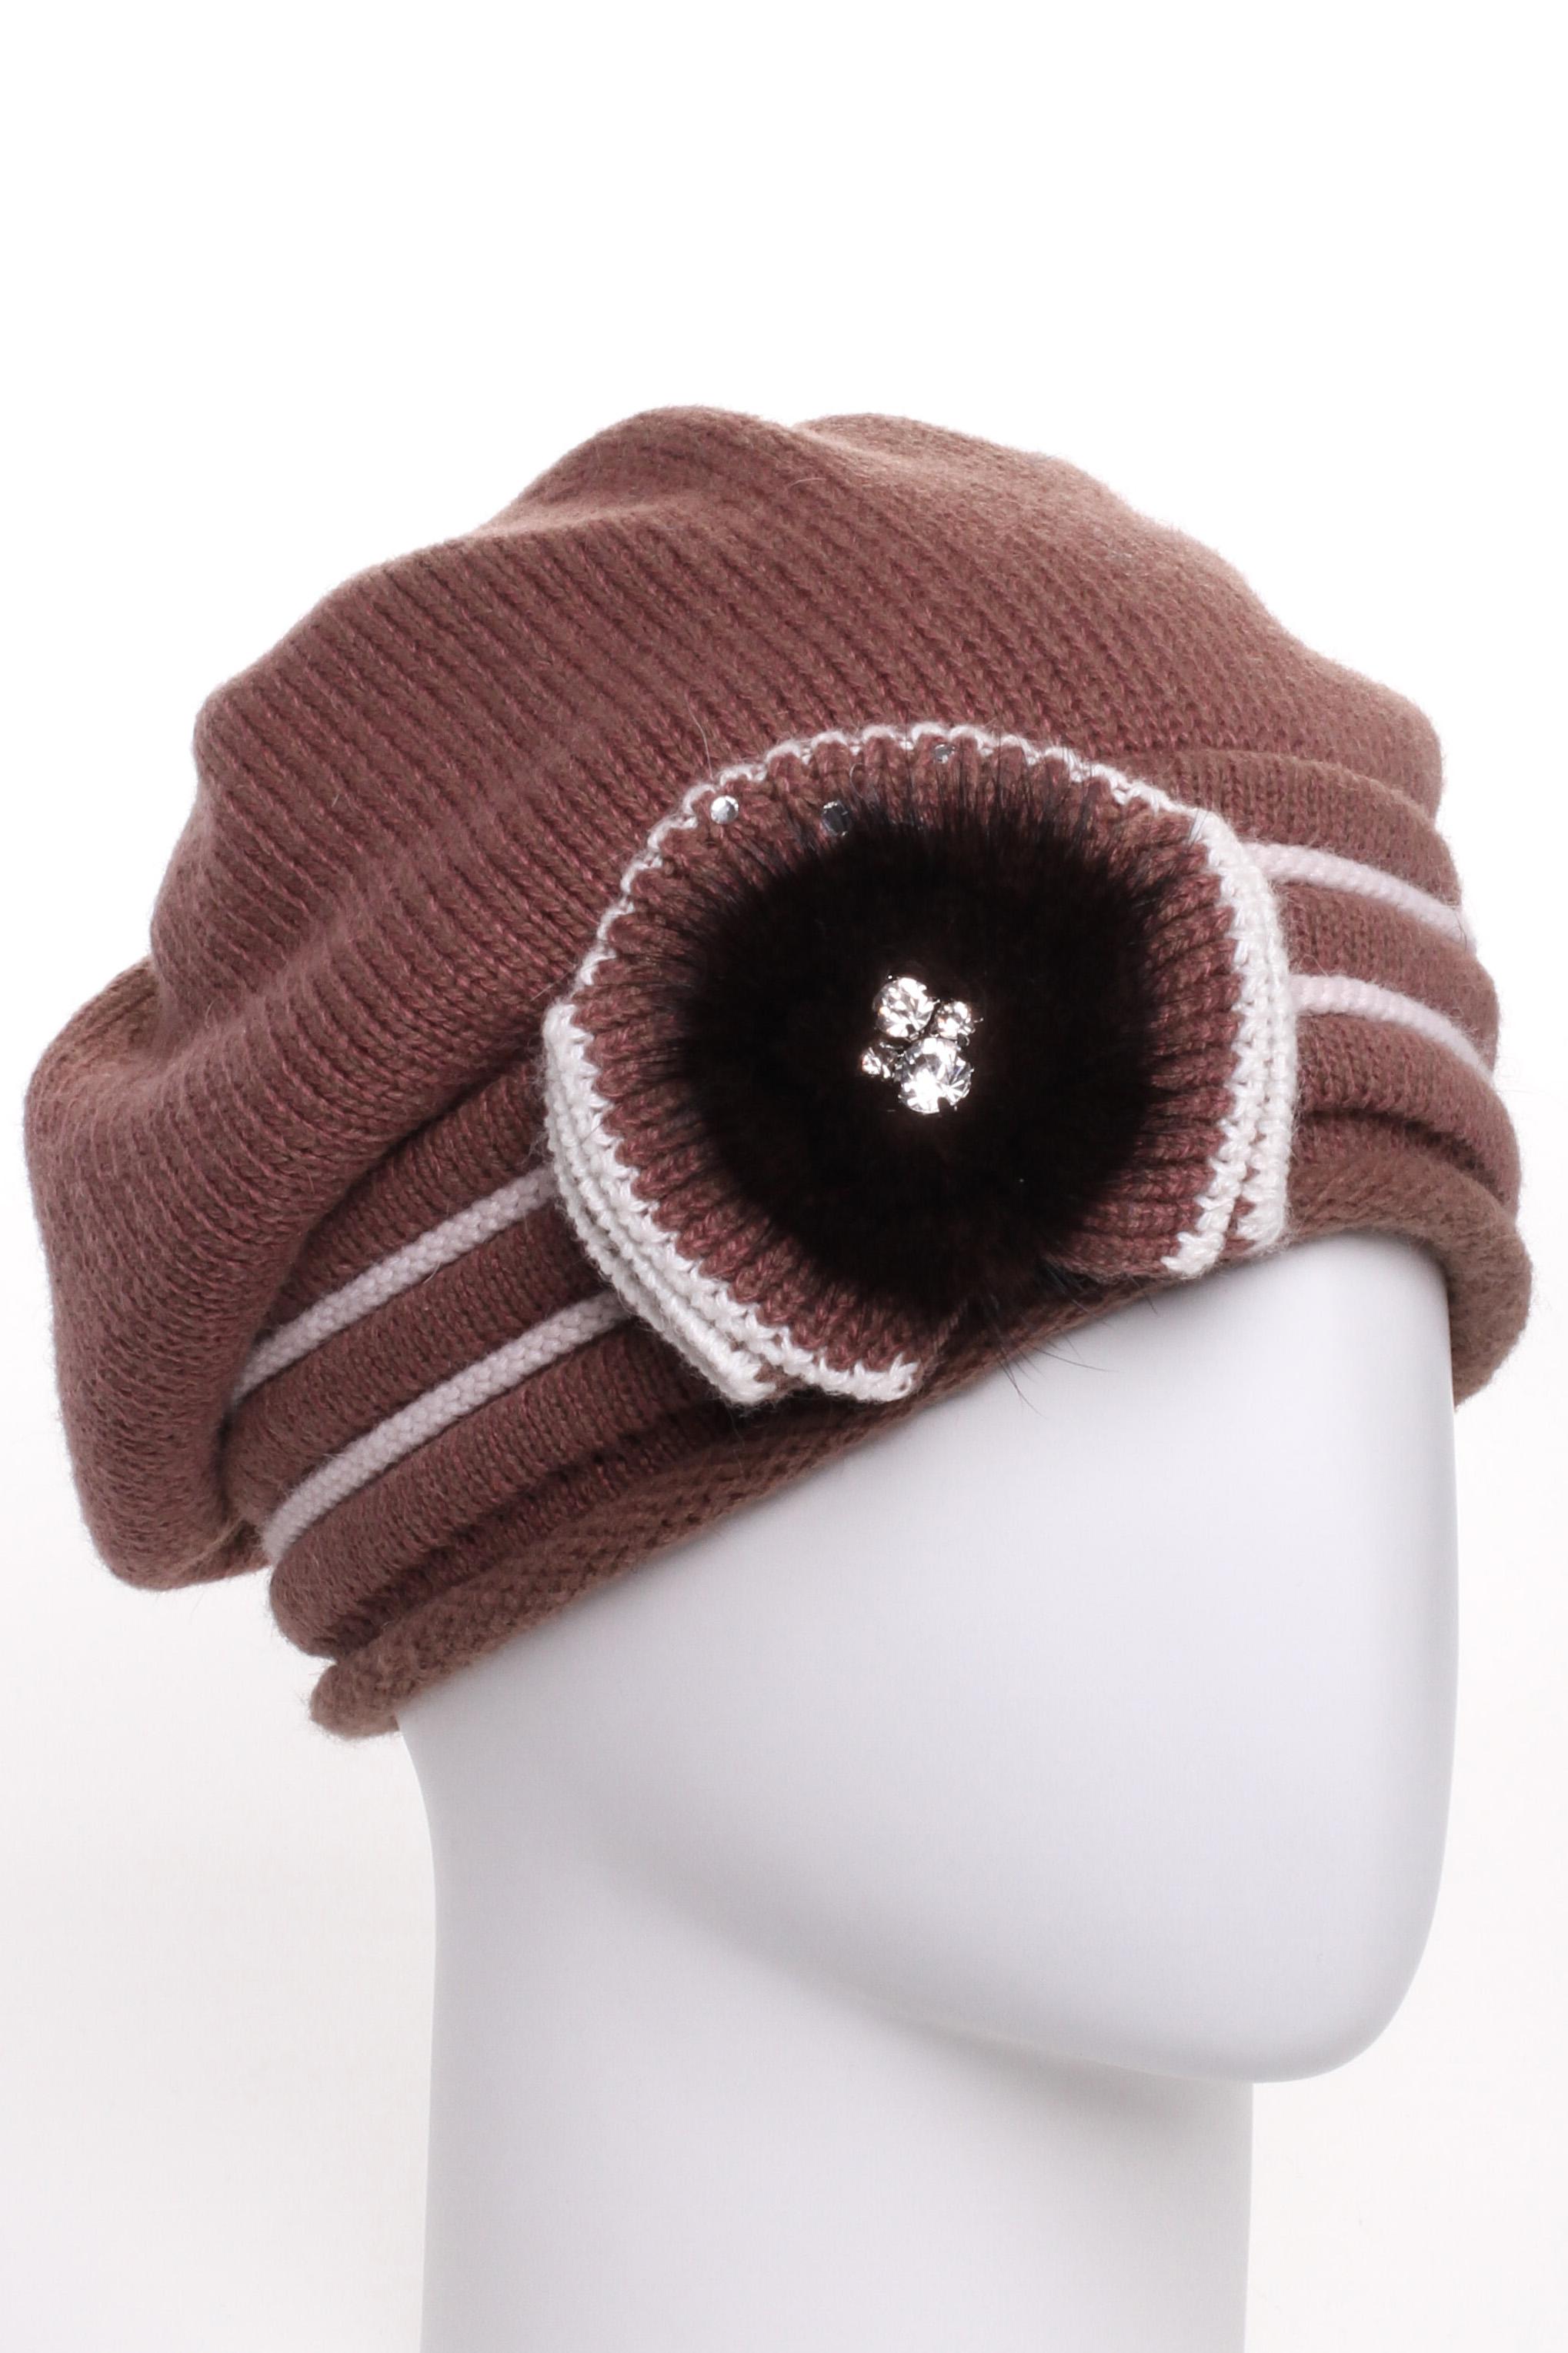 БеретБереты<br>Шерстяной беретик подарит Вам тепло и комфорт.  Стильный берет подчеркнет Вашу женственность и станет прекрасным дополнением Вашего образа.  Цвет: коричневый и др.<br><br>По сезону: Зима<br>Размер : universal<br>Материал: Вязаное полотно<br>Количество в наличии: 1